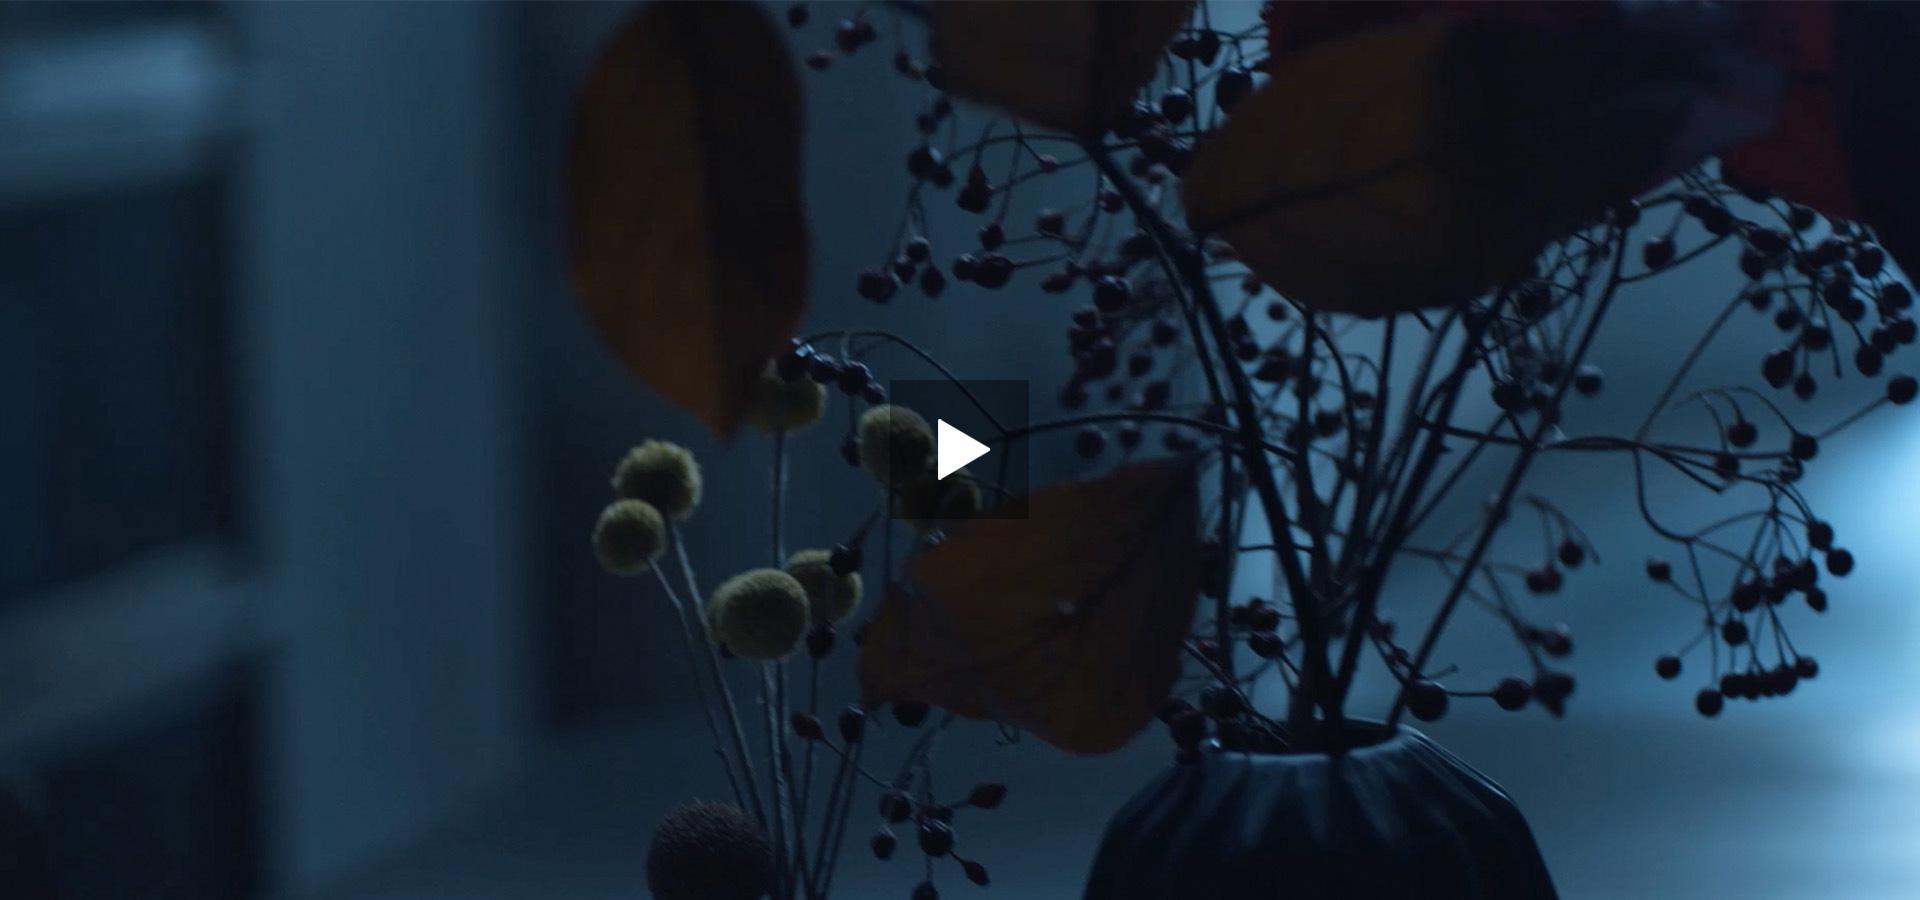 Monkey Talkie per A2A - Commercial - Spot TV - Pubblicità televisiva - Spot televisivo